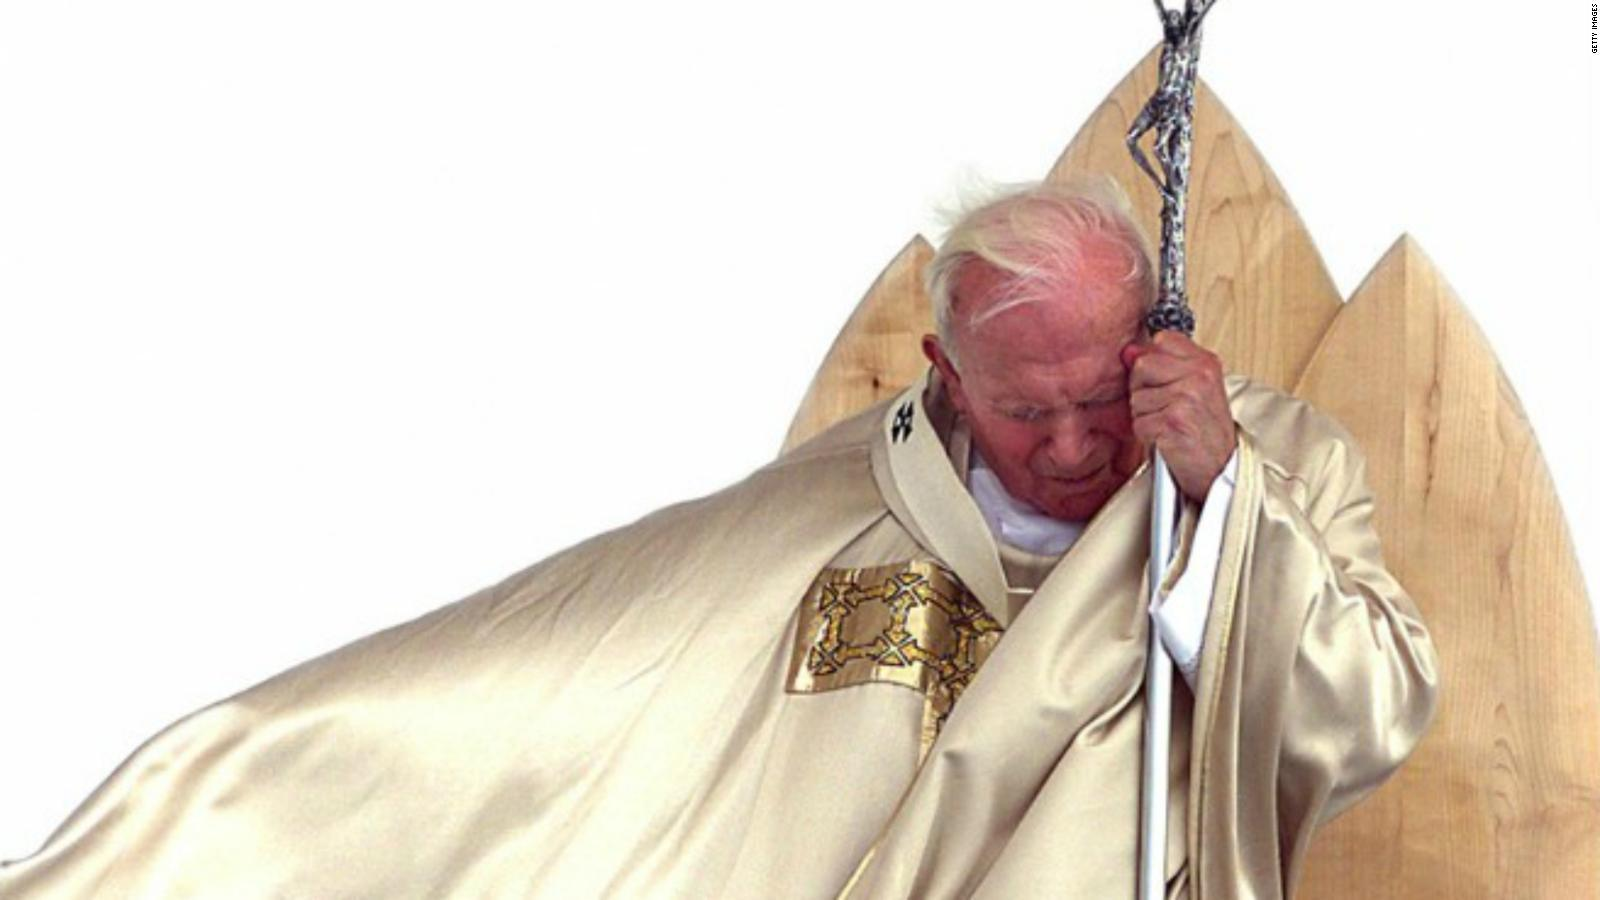 Día de San Juan Pablo II: los datos clave del papa que recorrió el mundo https://t.co/pn9zyyOzdx https://t.co/QgbEHbK9EB